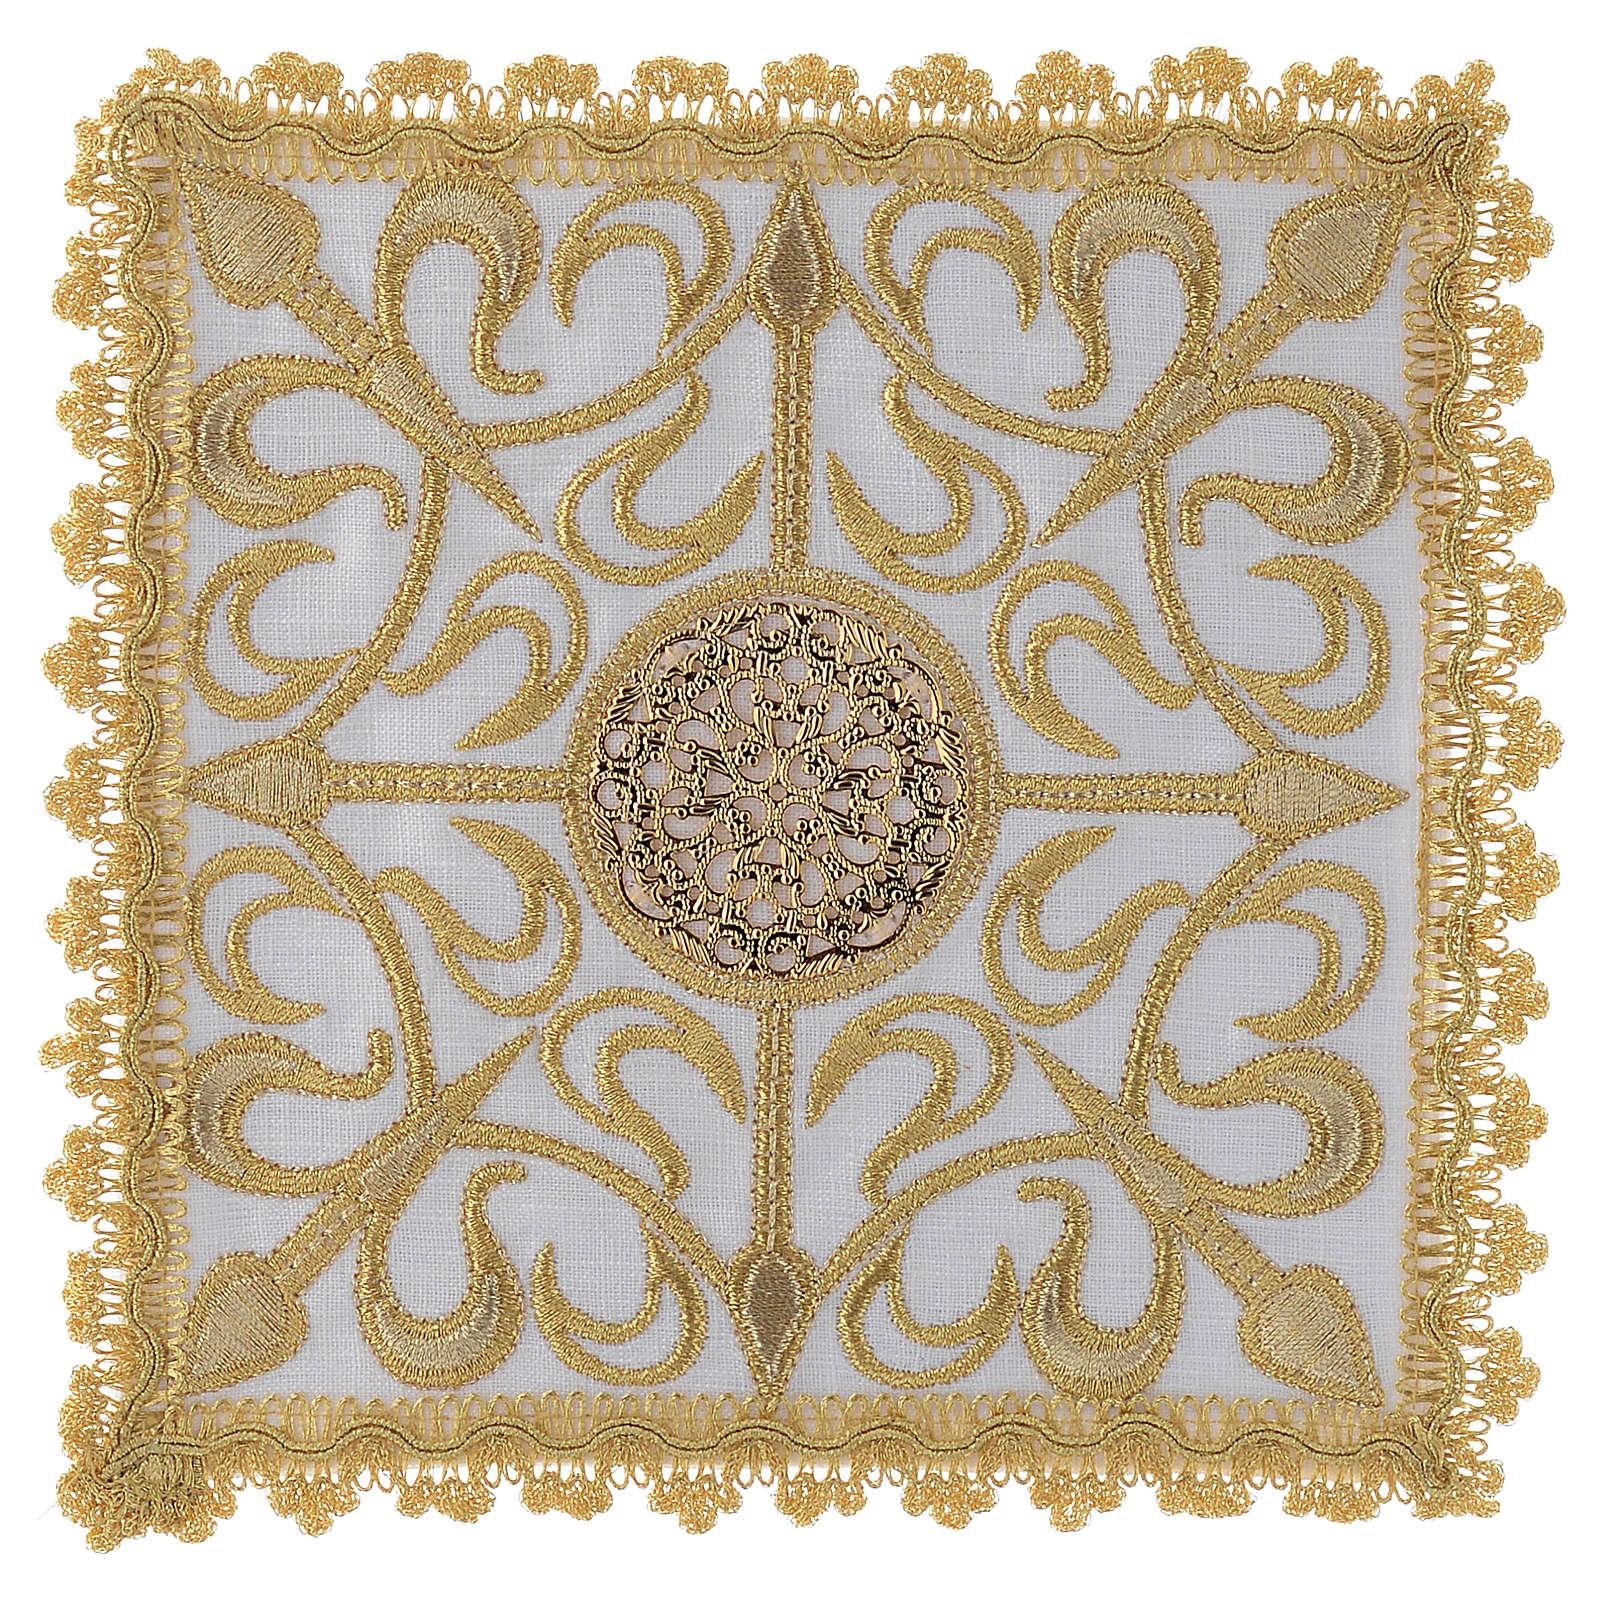 Servizio completo da altare con croce e decori in oro lino 4